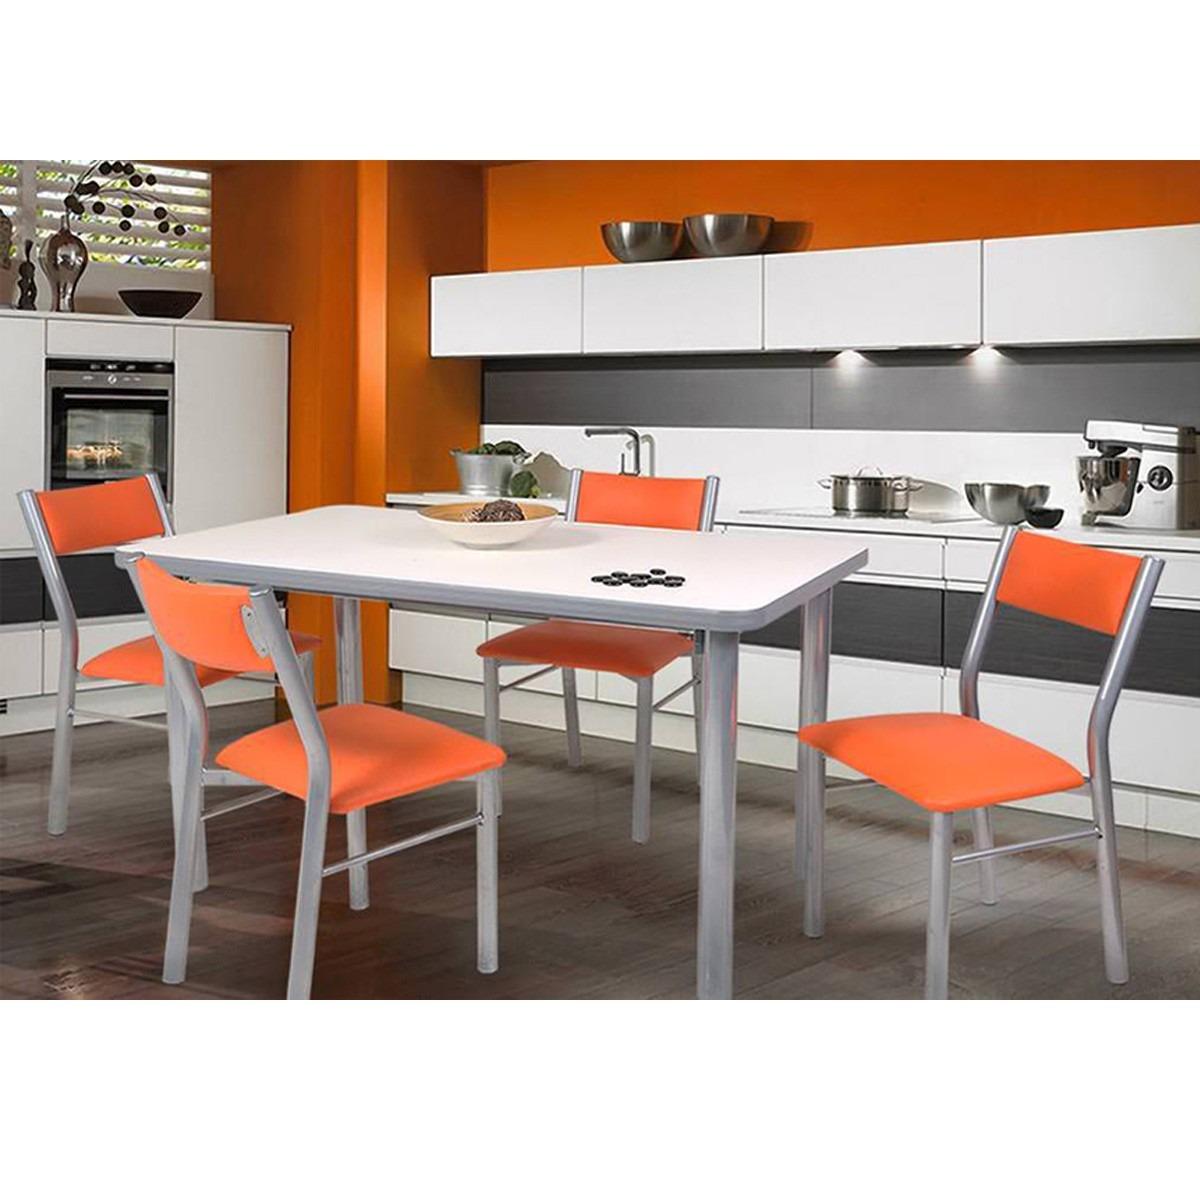 Mesa Cocina 1.40x0.80 + 4 Sillas Tapa Wengue Y Blanco - $ 4.500,00 ...